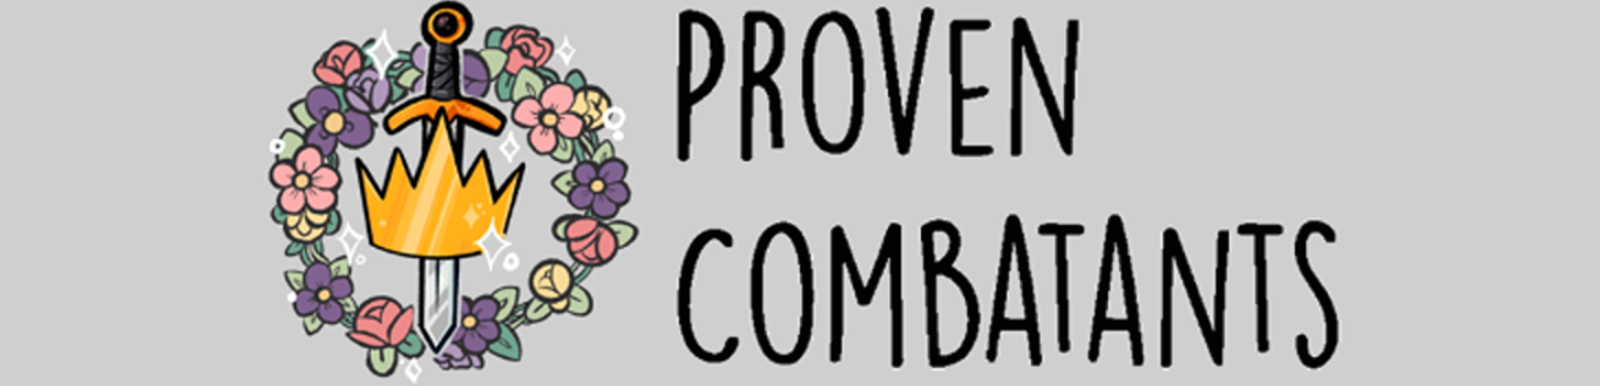 Proven Combatants